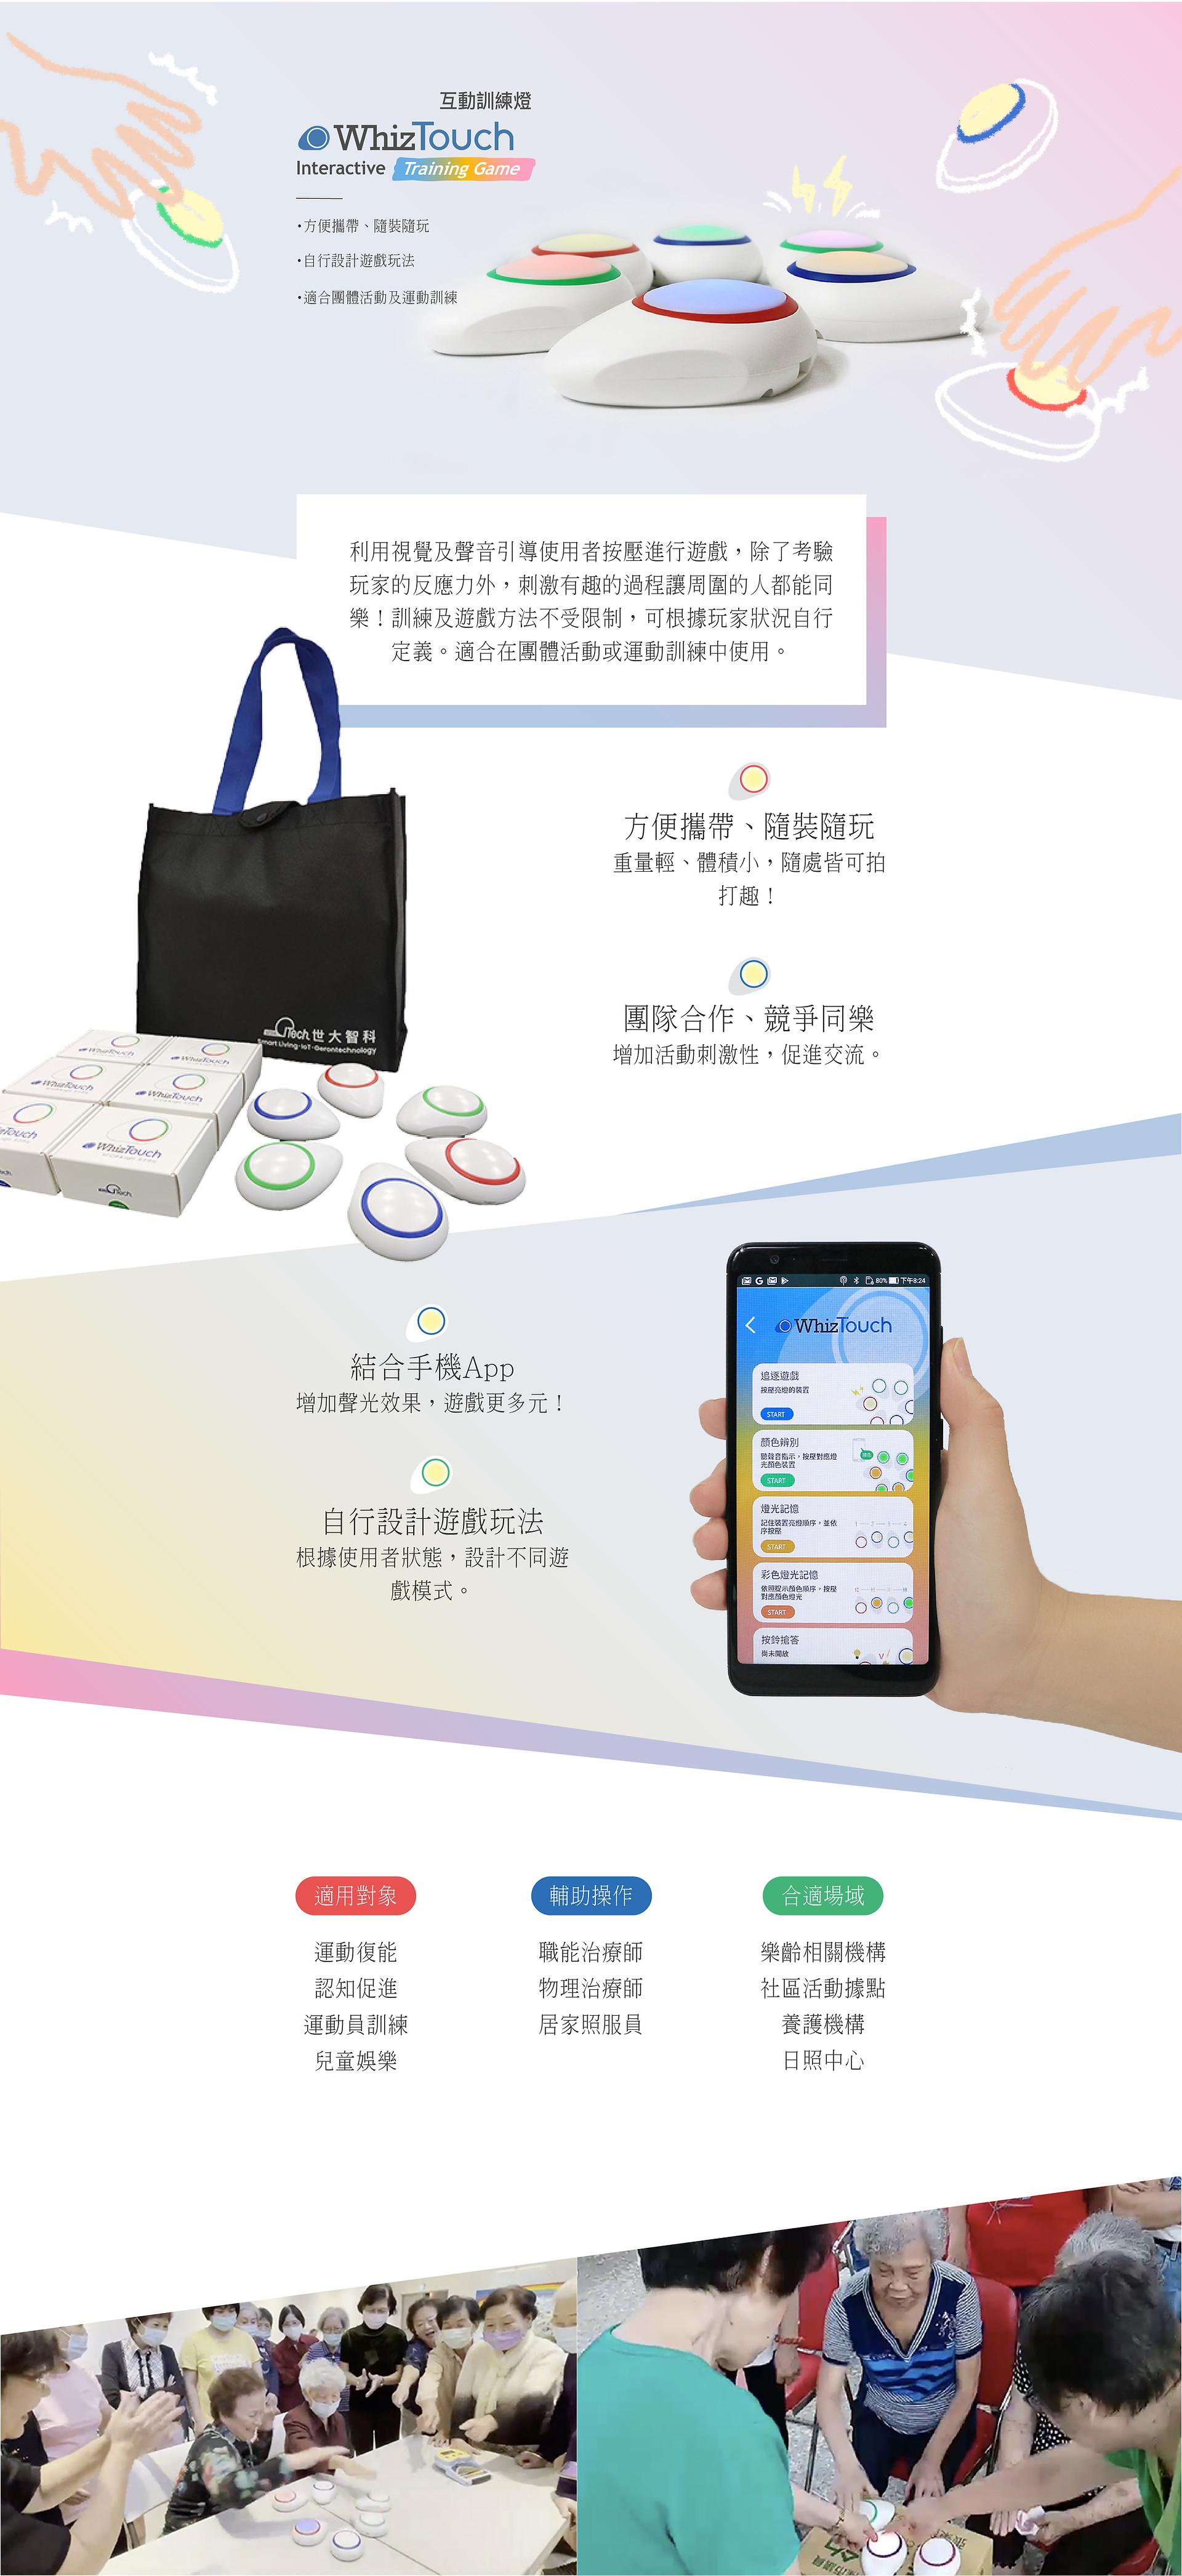 touchgame websitem_工作區域 1.jpg